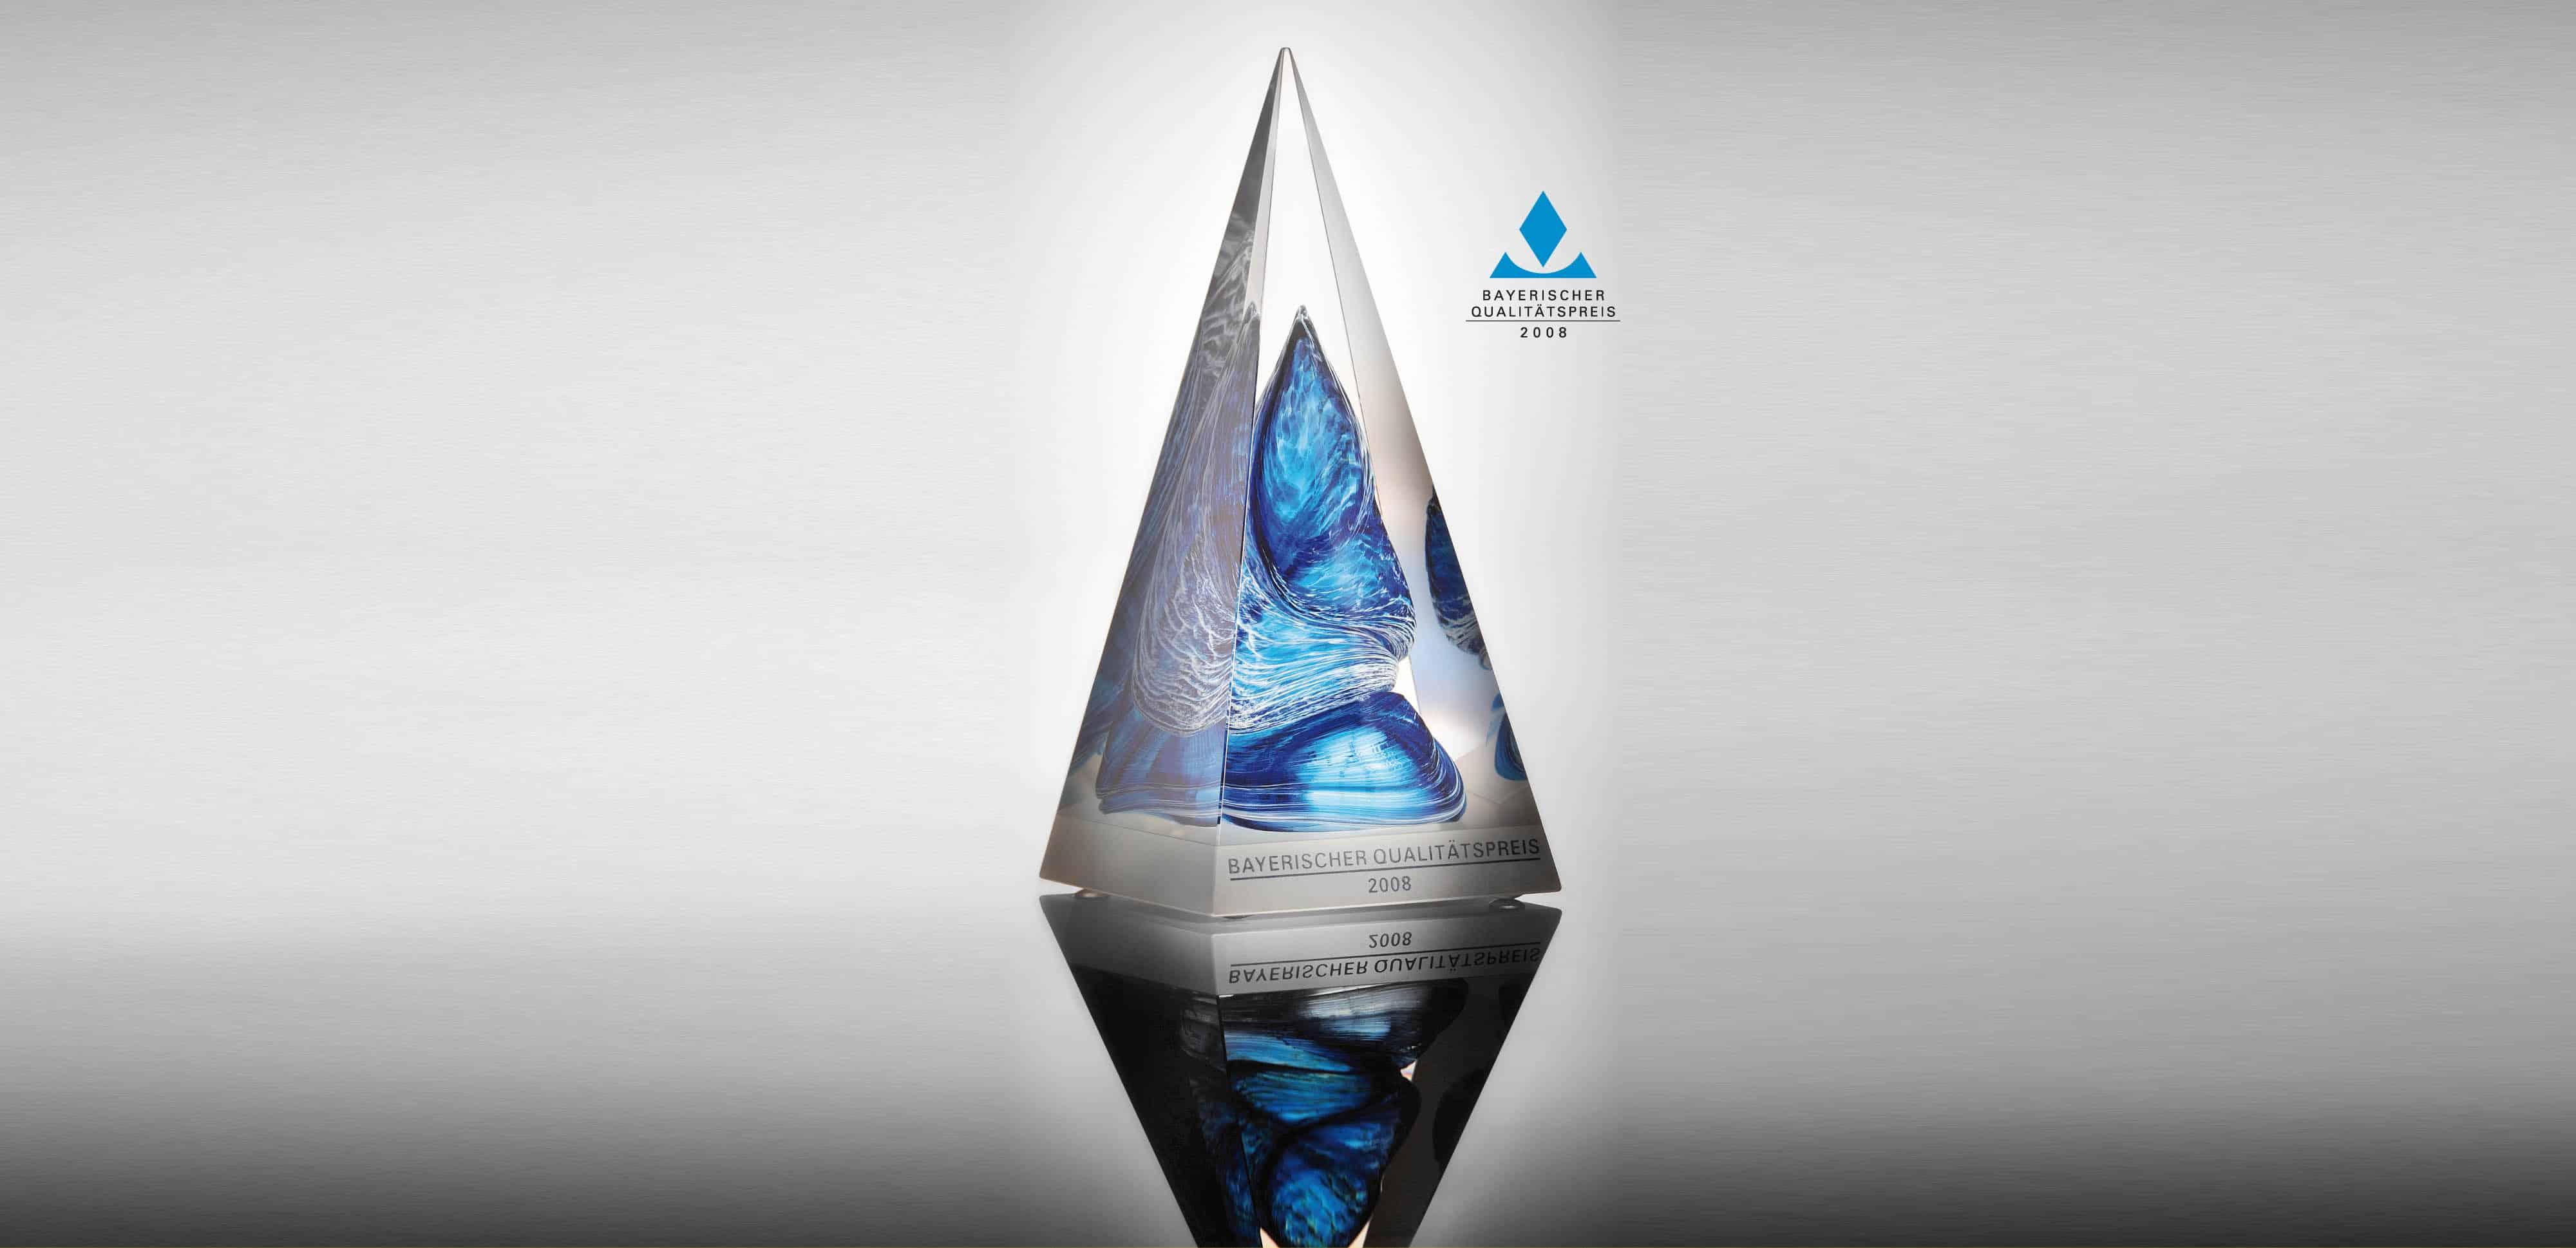 TANNER erhält 2008 den Bayrischen Qualitätspreis